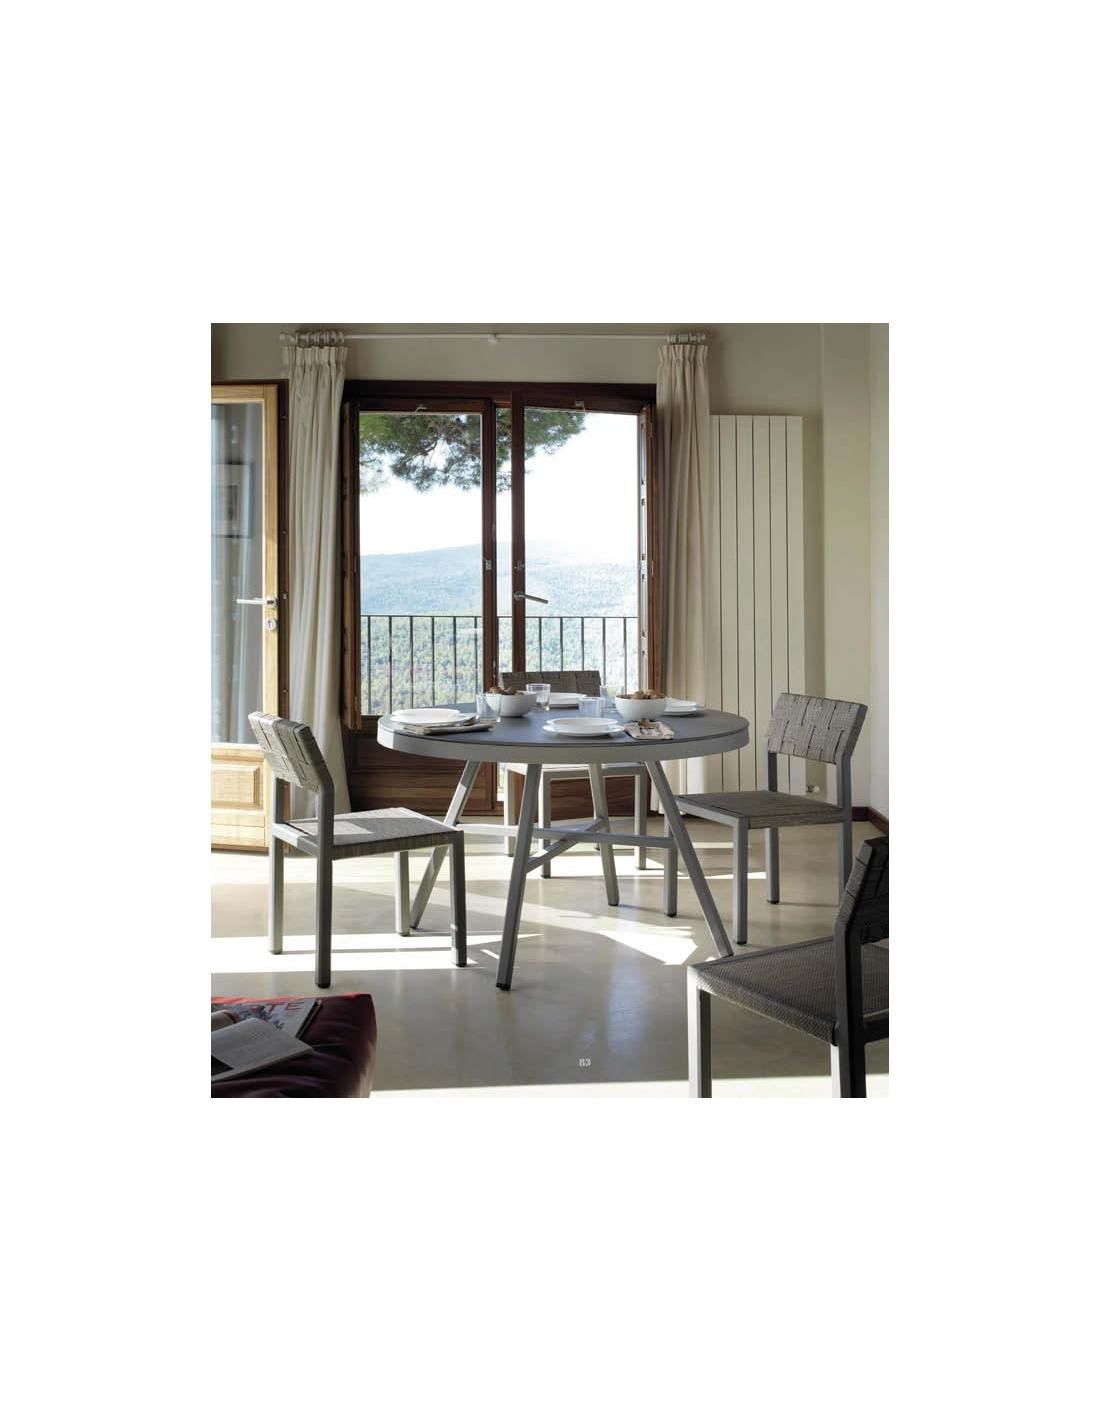 Comprar conjunto de jard n cube sillas y mesa di metro 120 cm for Conjunto de mesa y sillas de jardin